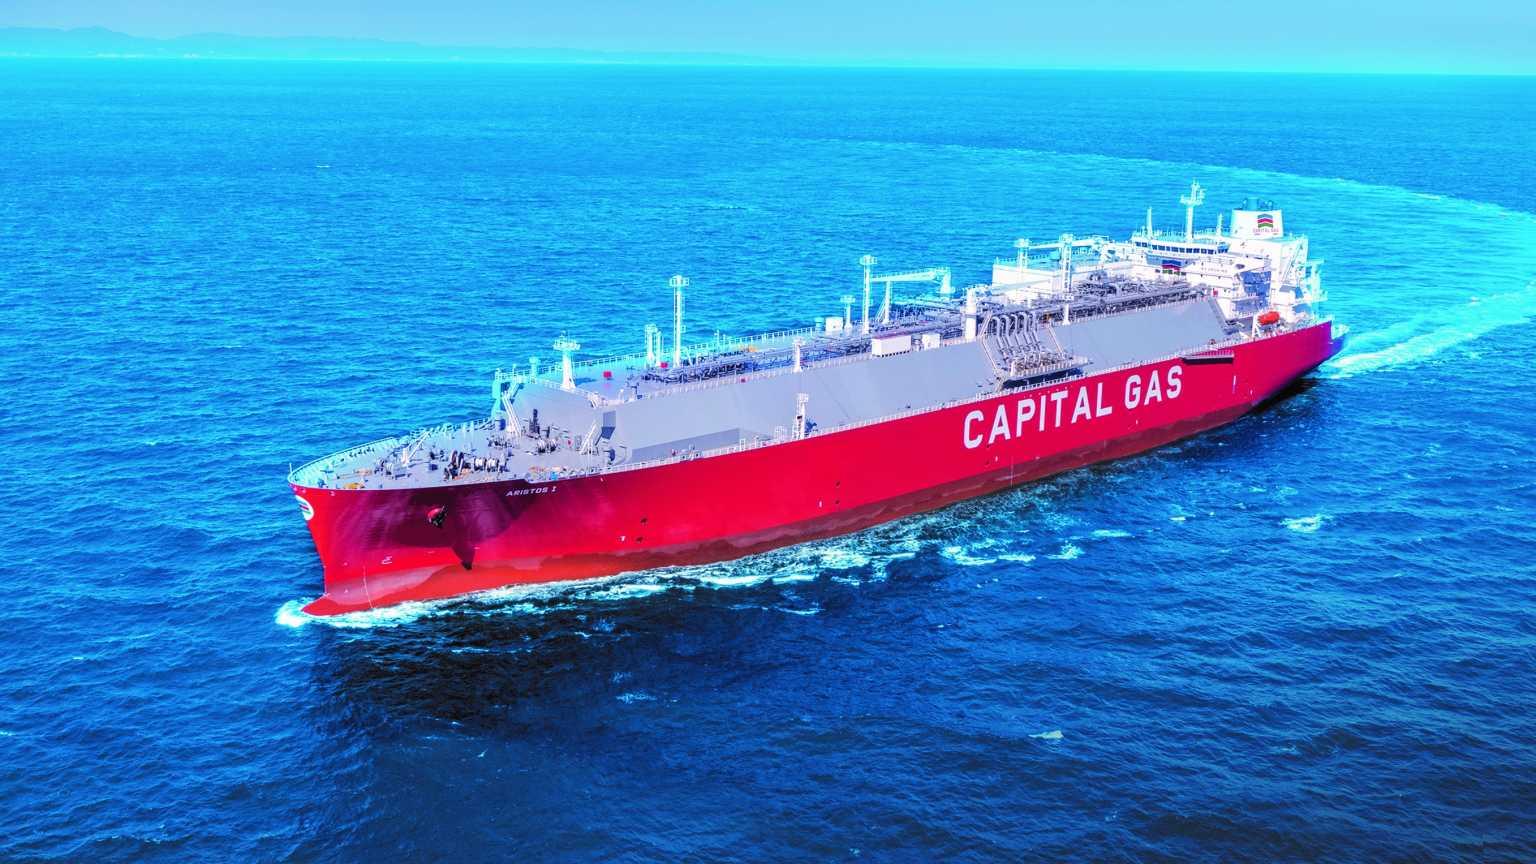 Ρεκόρ κερδών για την CPLP του Ομίλου Μαρινάκη – Δυναμική είσοδος στη μεταφορά LNG